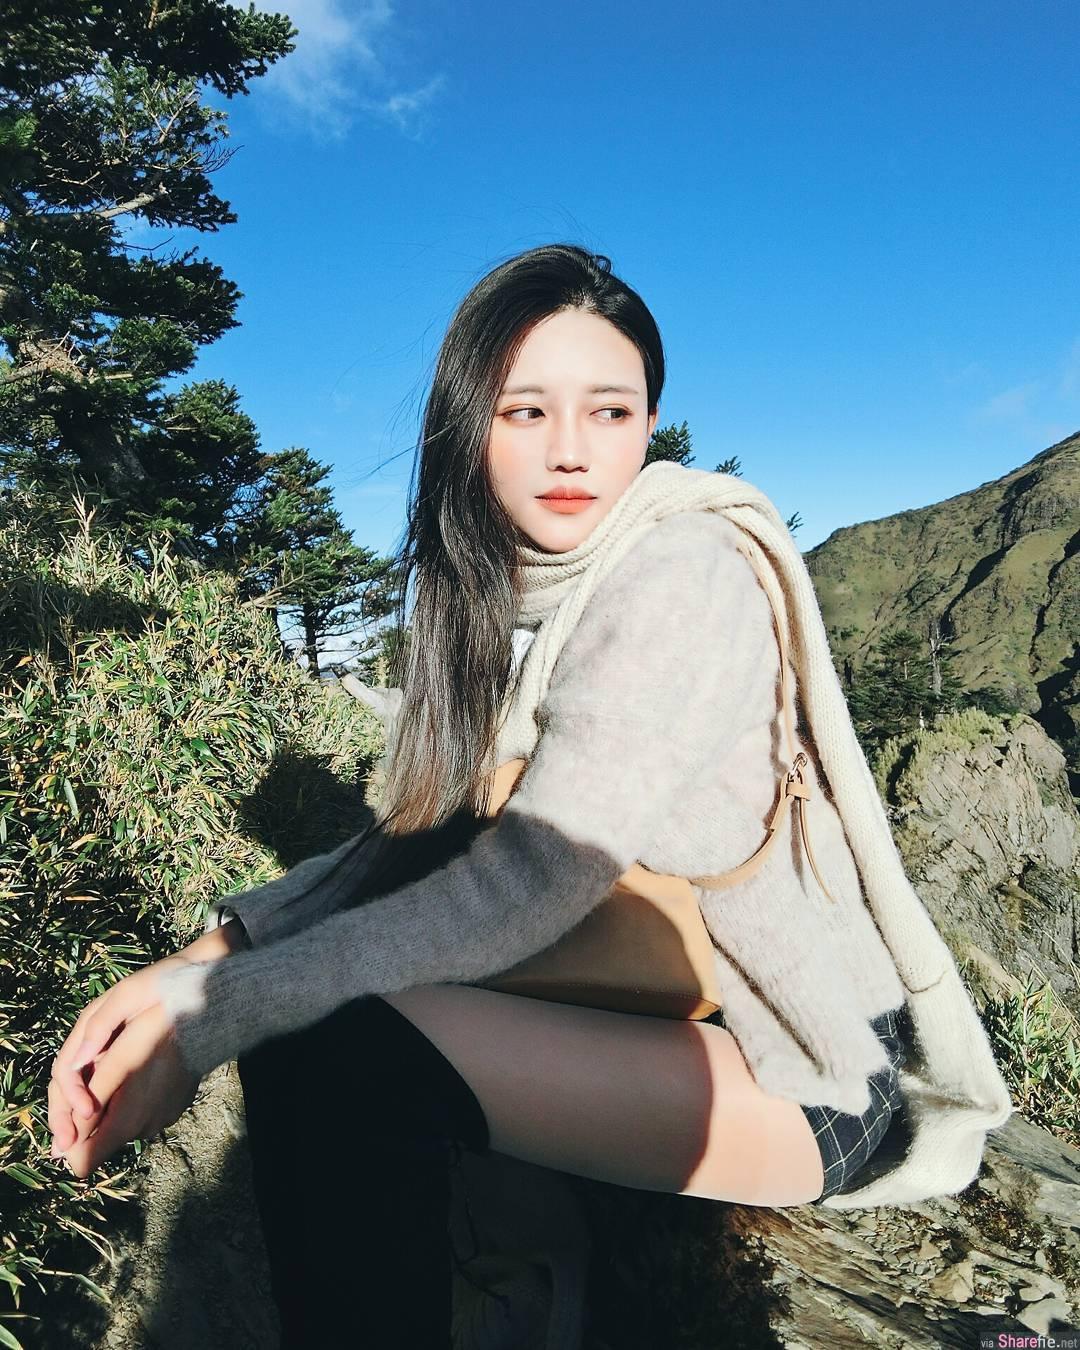 正妹苏苏,迷人气质 ,阳光,沙滩美景 网友:我只看到刺眼的比基尼